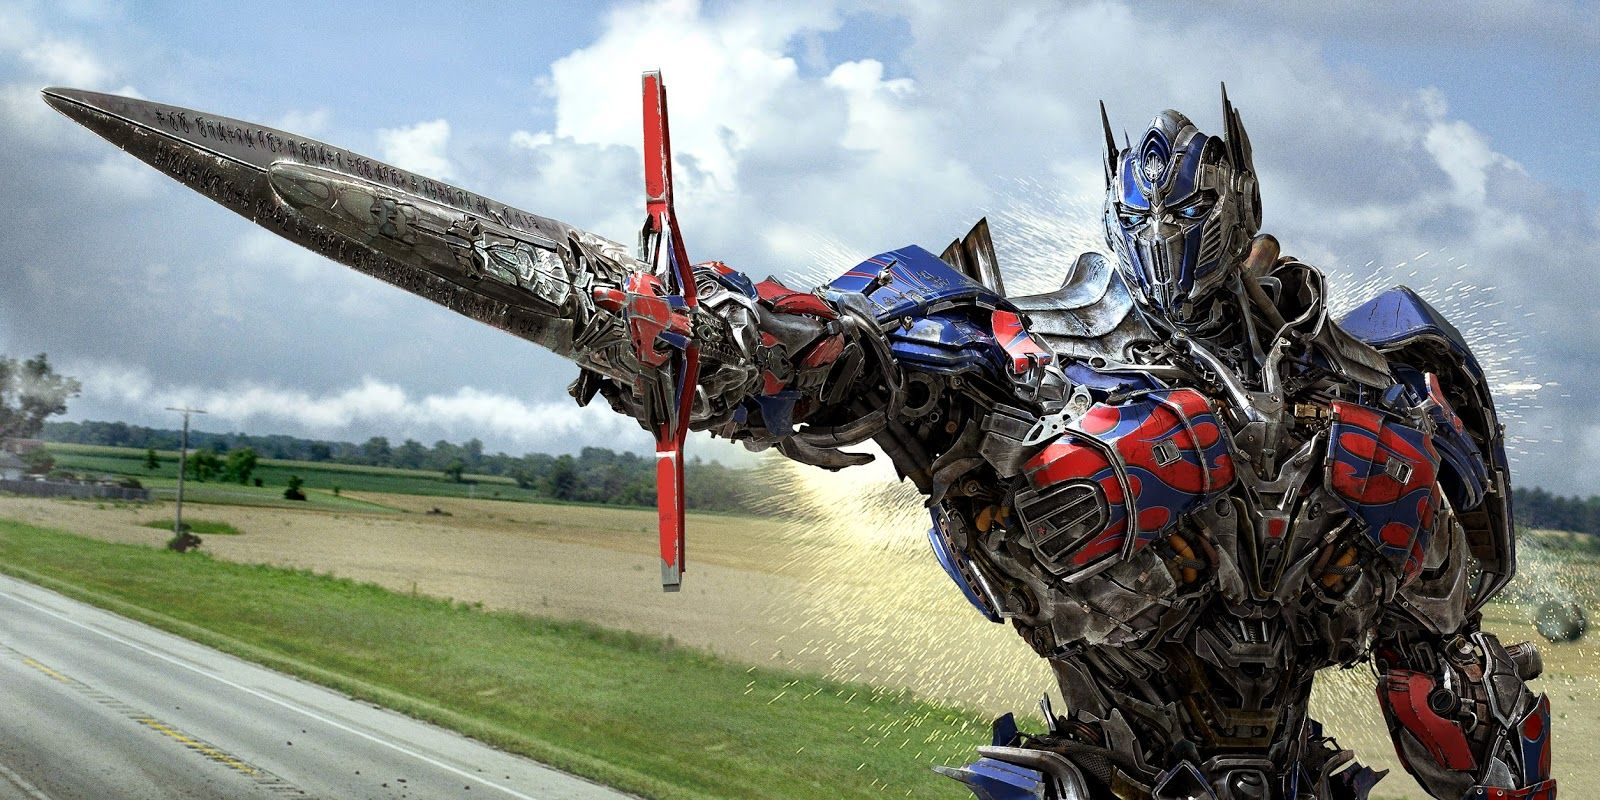 Los Trailers del Pueblo N°1: Transformers - La Era de la Extinción - La primera entrega de una nueva sección que empece.